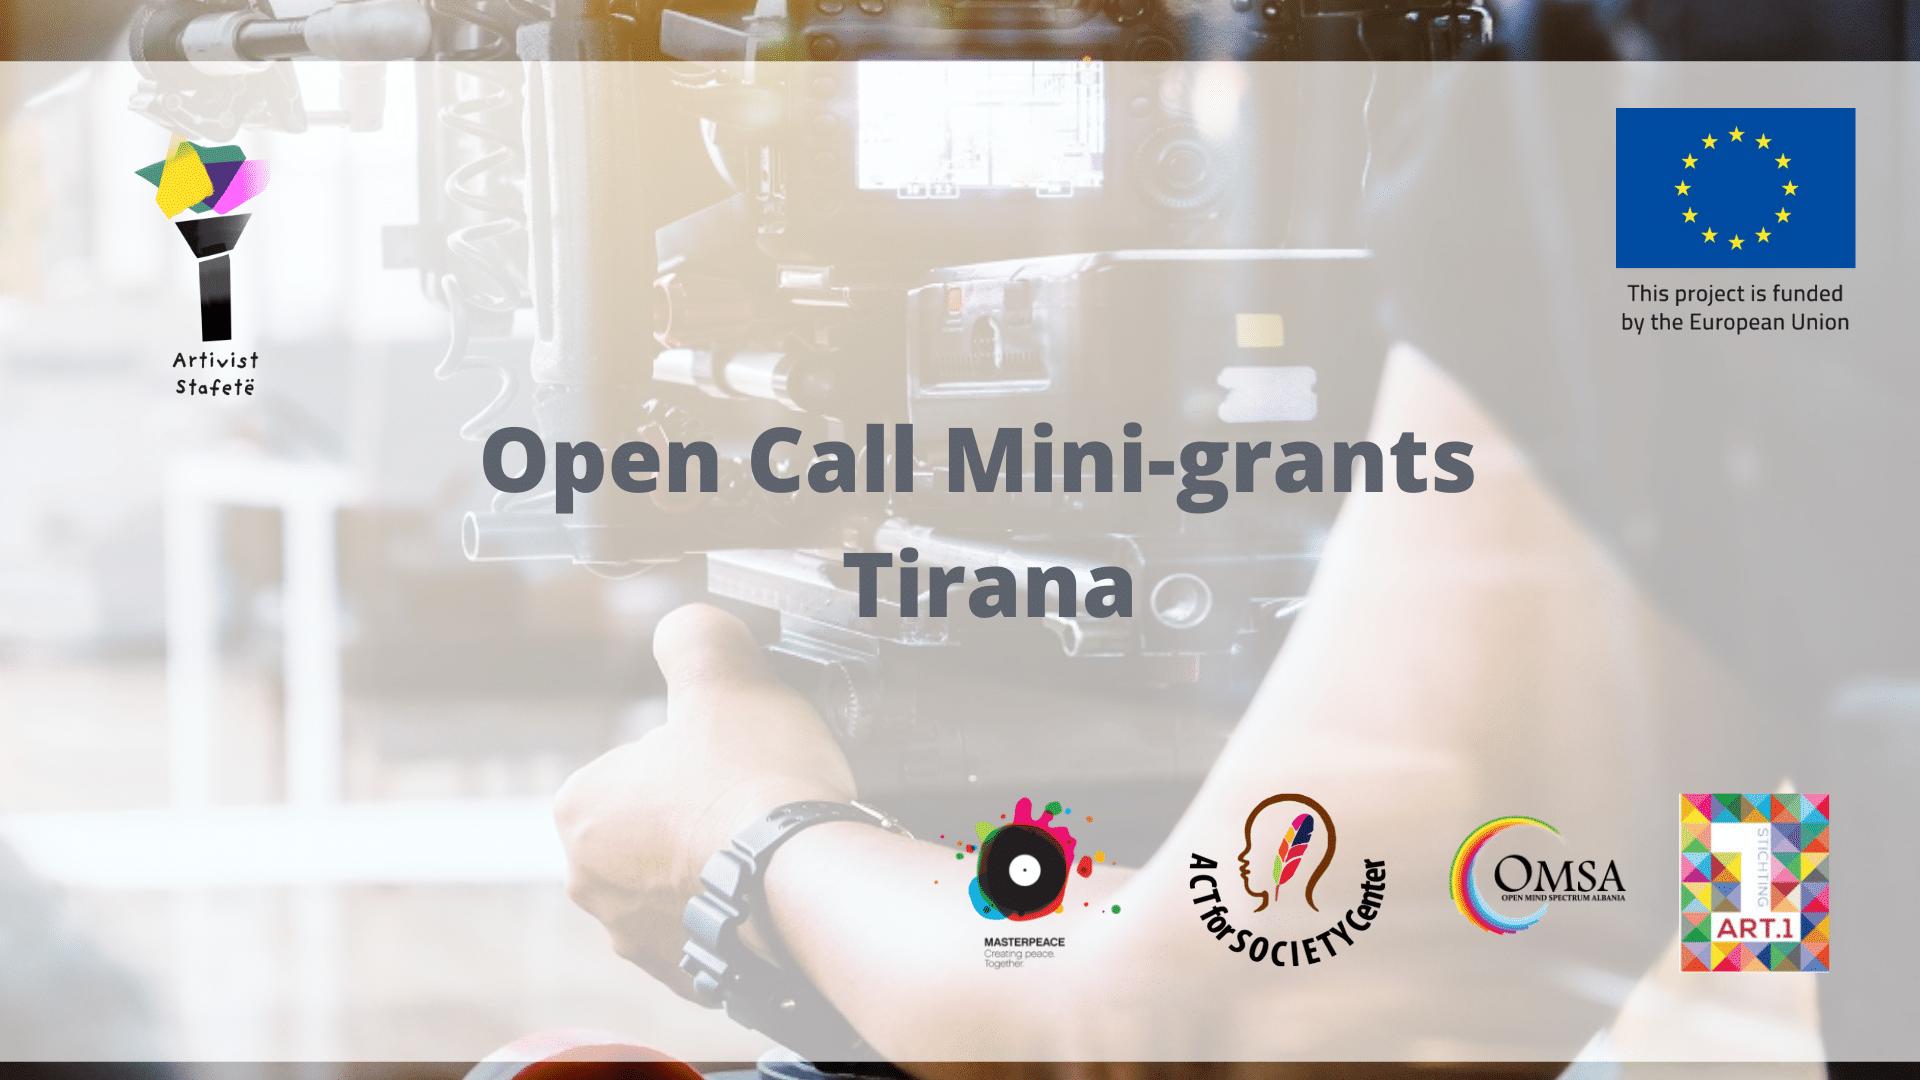 OPEN CALL FOR MINI-GRANTS/ Tirana